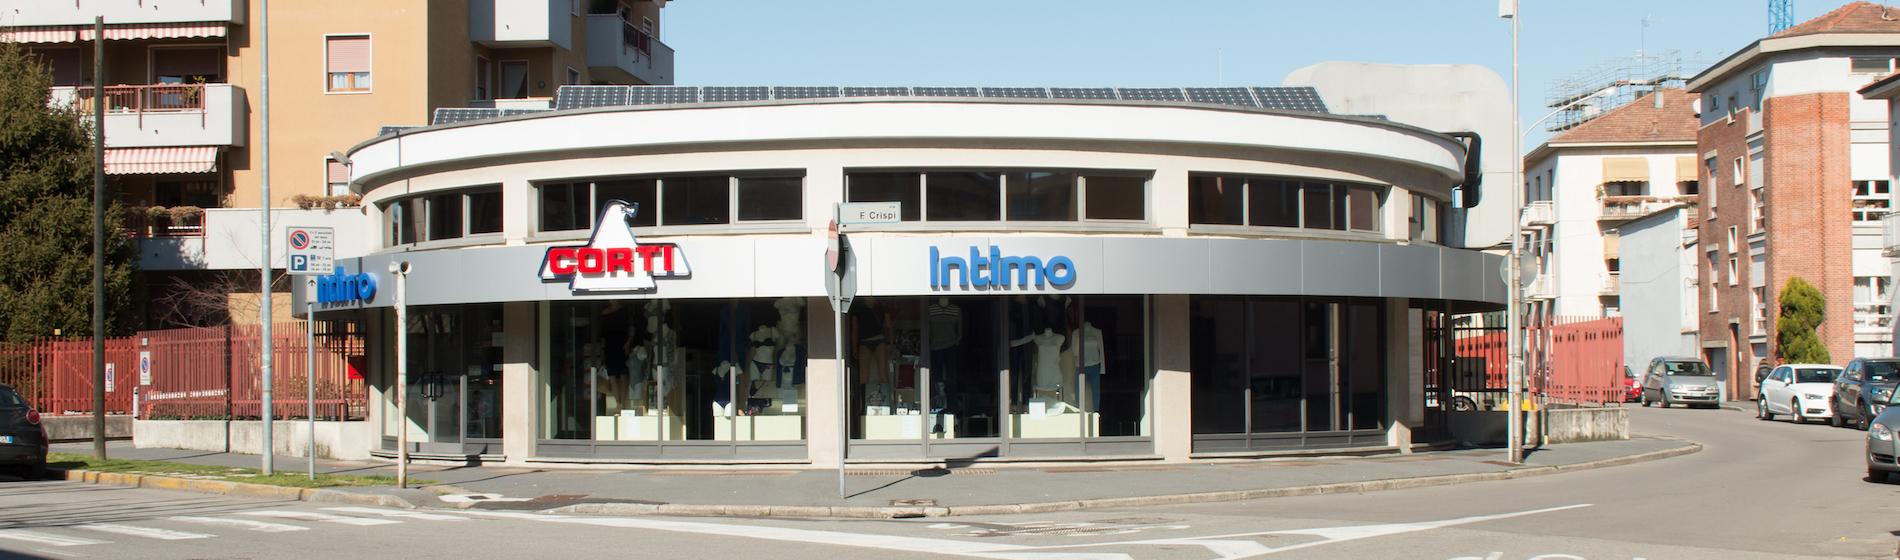 negozio di abbigliamento a busto arsizio